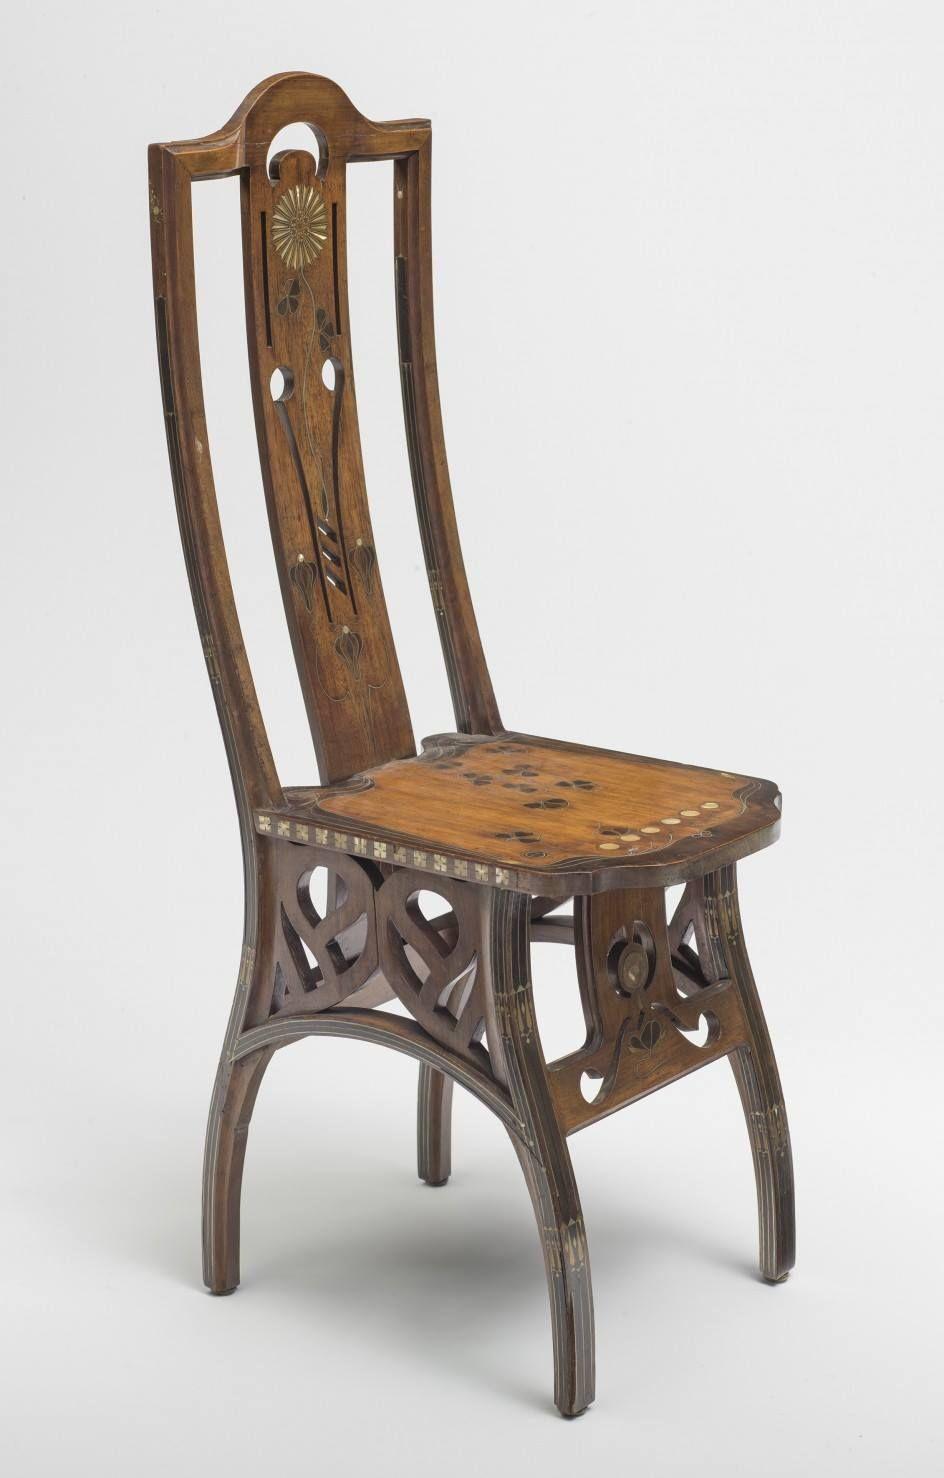 Chaise Style Art Nouveau eugenio quarti (1867-1929) - chaise, vers 1898 silla de